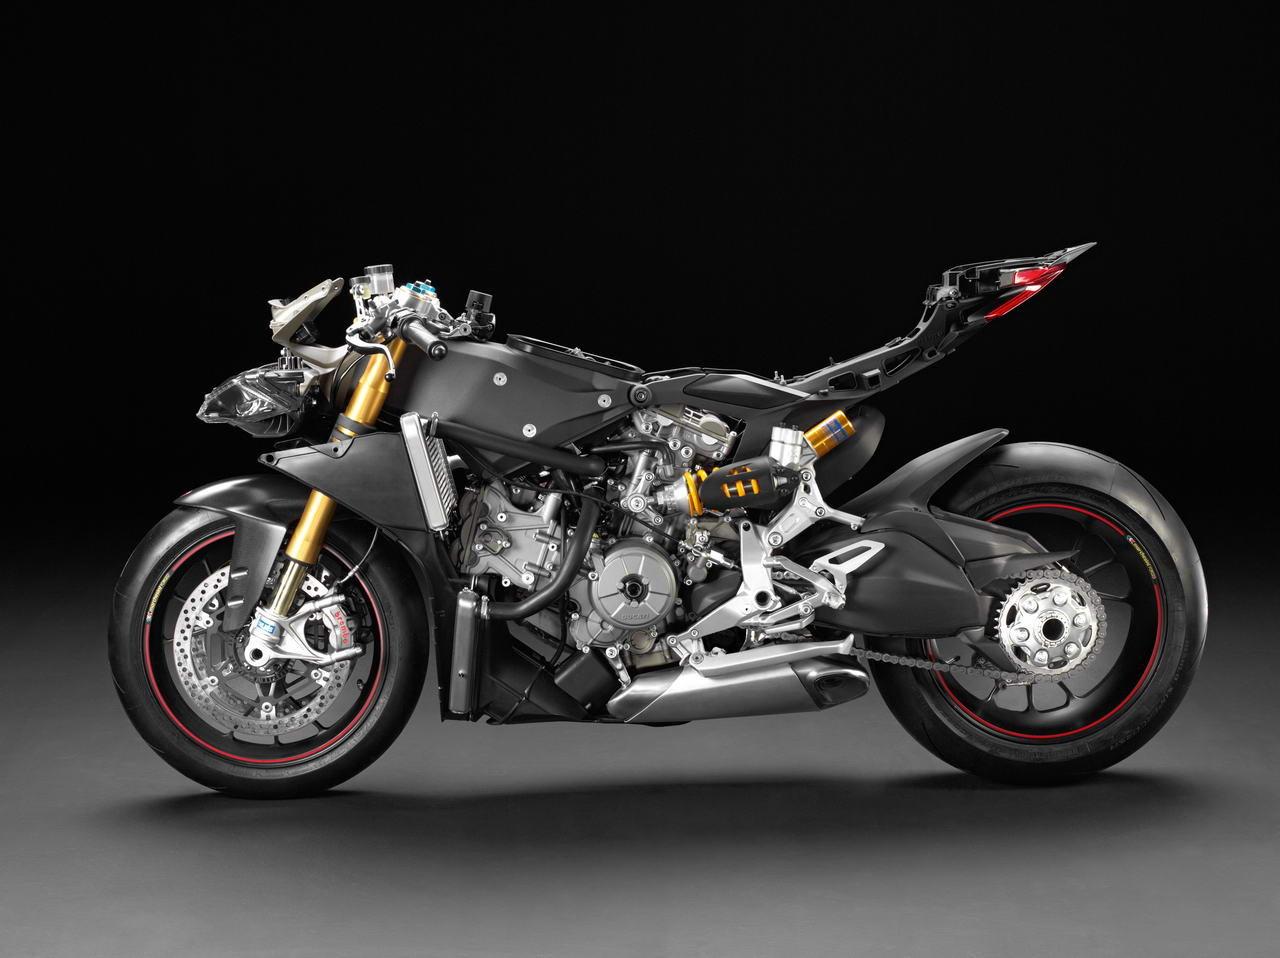 Así es la Ducati 1199 Panigale en cueros (image)